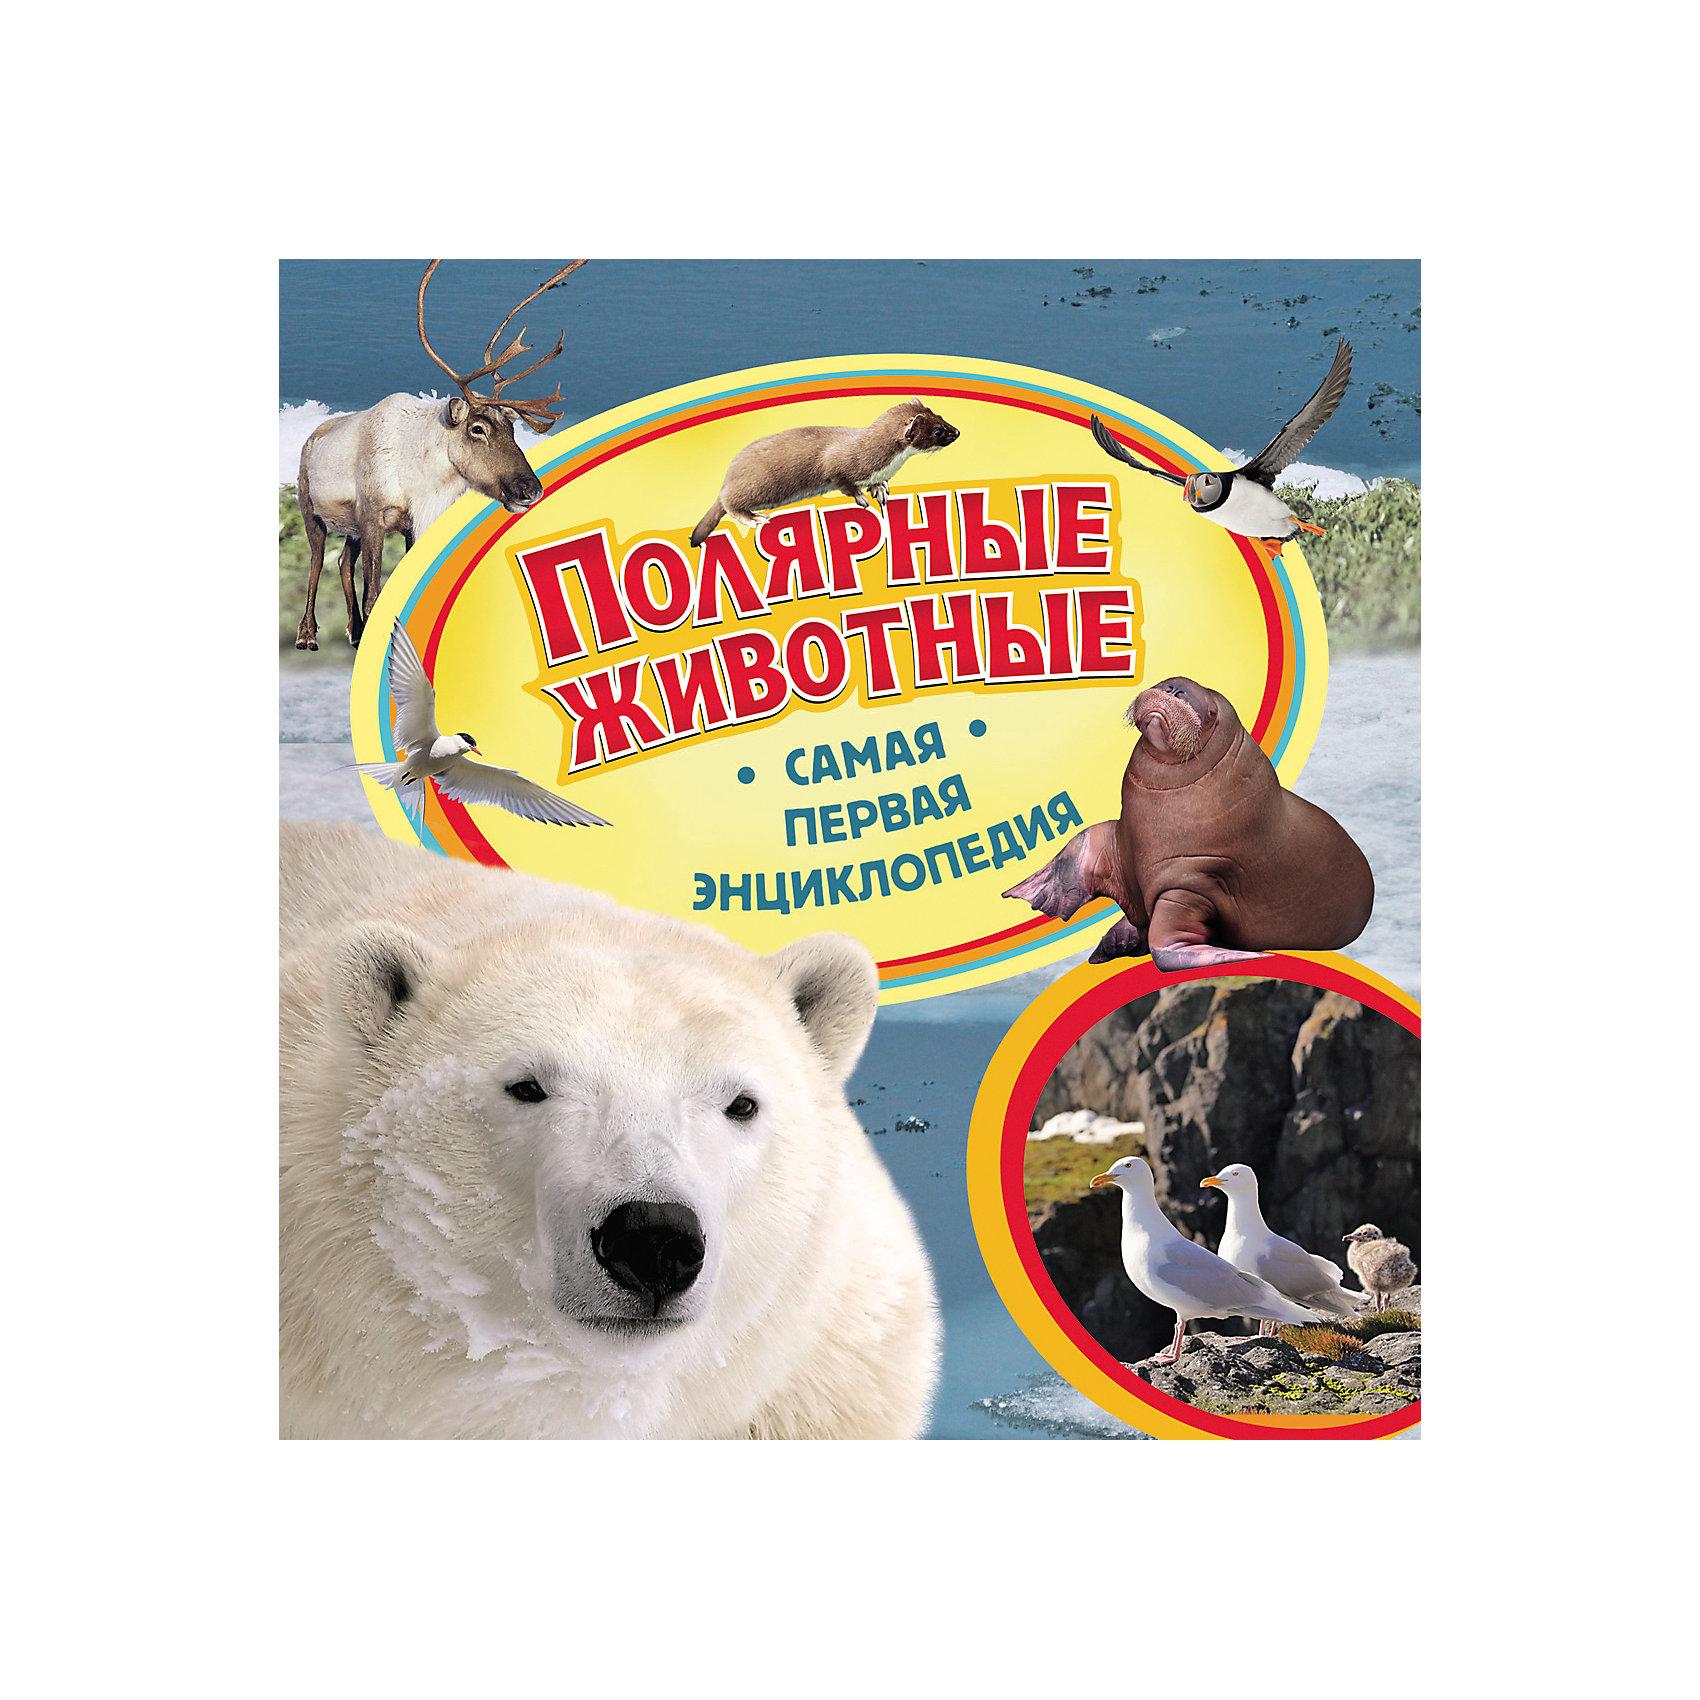 Полярные животные, Самая первая энциклопедияЭнциклопедии о животных<br>Характеристики товара:<br><br>- цвет: разноцветный;<br>- материал: бумага;<br>- страниц: 36;<br>- формат: 22 х 23 см;<br>- обложка: твердая;<br>- цветные иллюстрации.<br><br>Эта интересная книга с иллюстрациями станет отличным подарком для ребенка. Она содержит в себе ответы на вопросы, которые интересуют малышей. Всё представлено в очень простой форме! Талантливый иллюстратор дополнил книгу качественными рисунками, которые помогают ребенку понять суть многих вещей в нашем мире. Удивительные и интересные факты помогут привить любовь к учебе!<br>Чтение - отличный способ активизации мышления, оно помогает ребенку развивать зрительную память, концентрацию внимания и воображение. Издание произведено из качественных материалов, которые безопасны даже для самых маленьких.<br><br>Книгу Полярные животные, Самая первая энциклопедия от компании Росмэн можно купить в нашем интернет-магазине.<br><br>Ширина мм: 225<br>Глубина мм: 225<br>Высота мм: 8<br>Вес г: 282<br>Возраст от месяцев: 36<br>Возраст до месяцев: 72<br>Пол: Унисекс<br>Возраст: Детский<br>SKU: 5109964